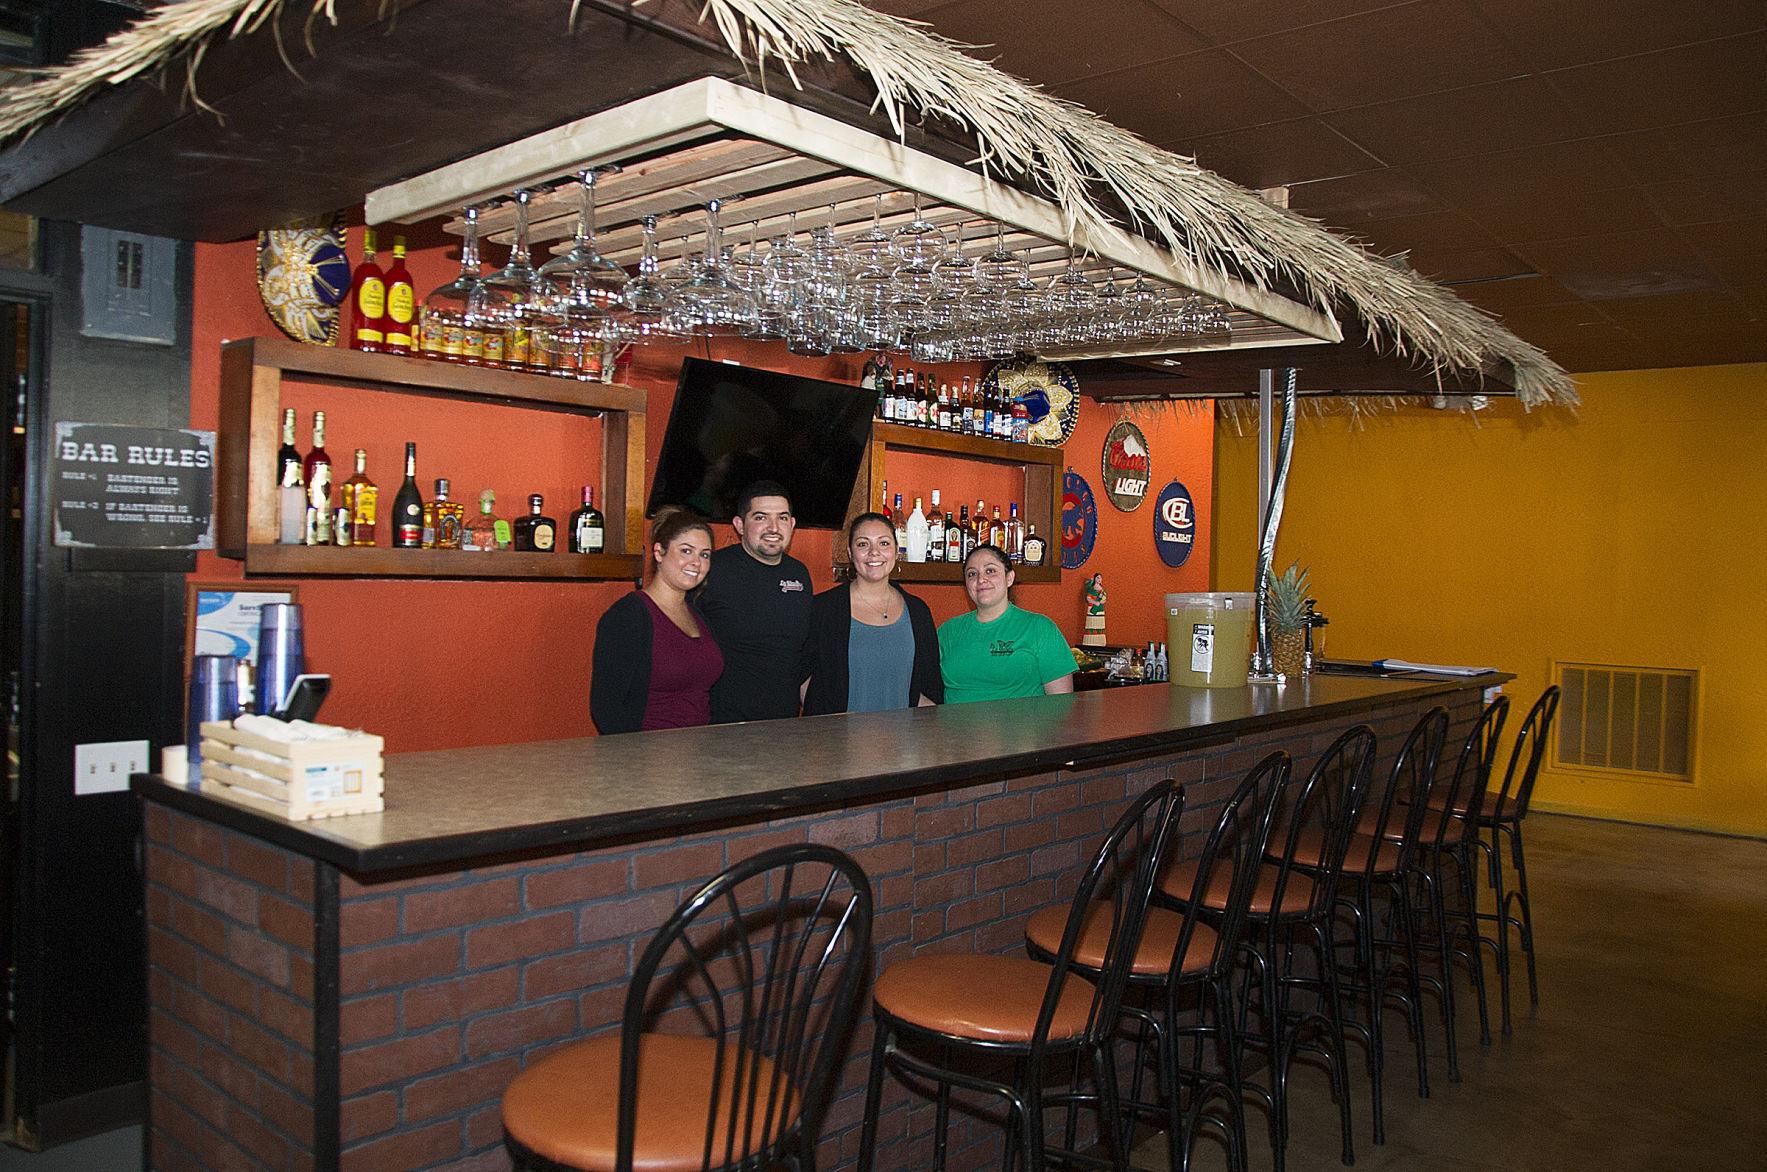 La Morelia family Family run restaurant La Morelia moves